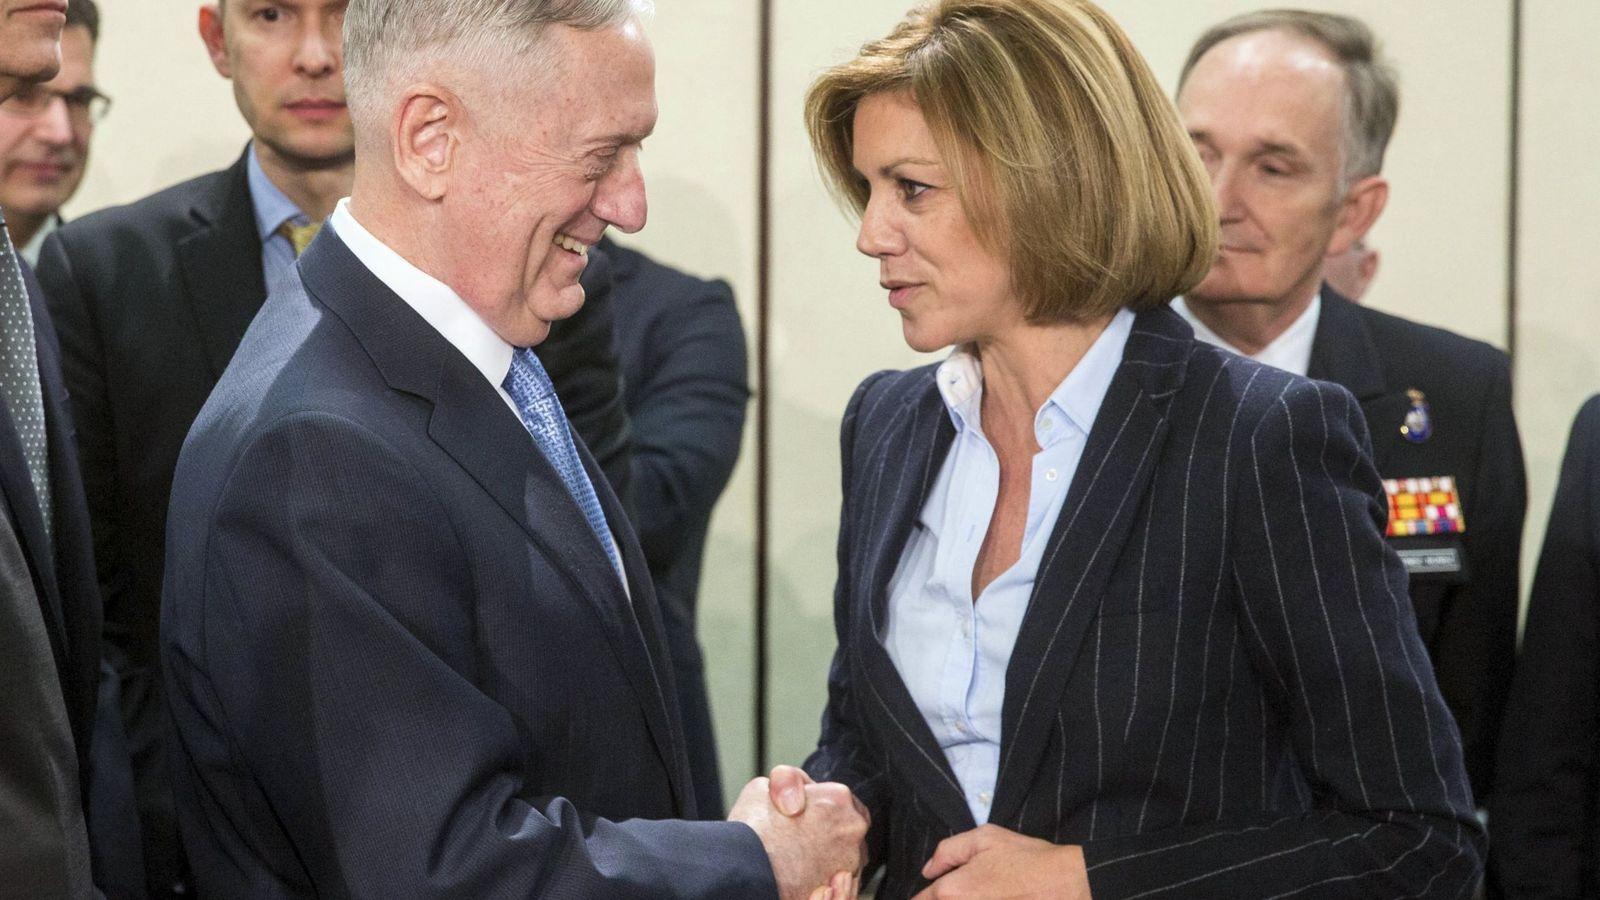 Foto: La ministra española de Defensa, Maria Dolores de Cospedal, conversa con el secretario de Defensa estadounidense, James Mattis. (EFE)